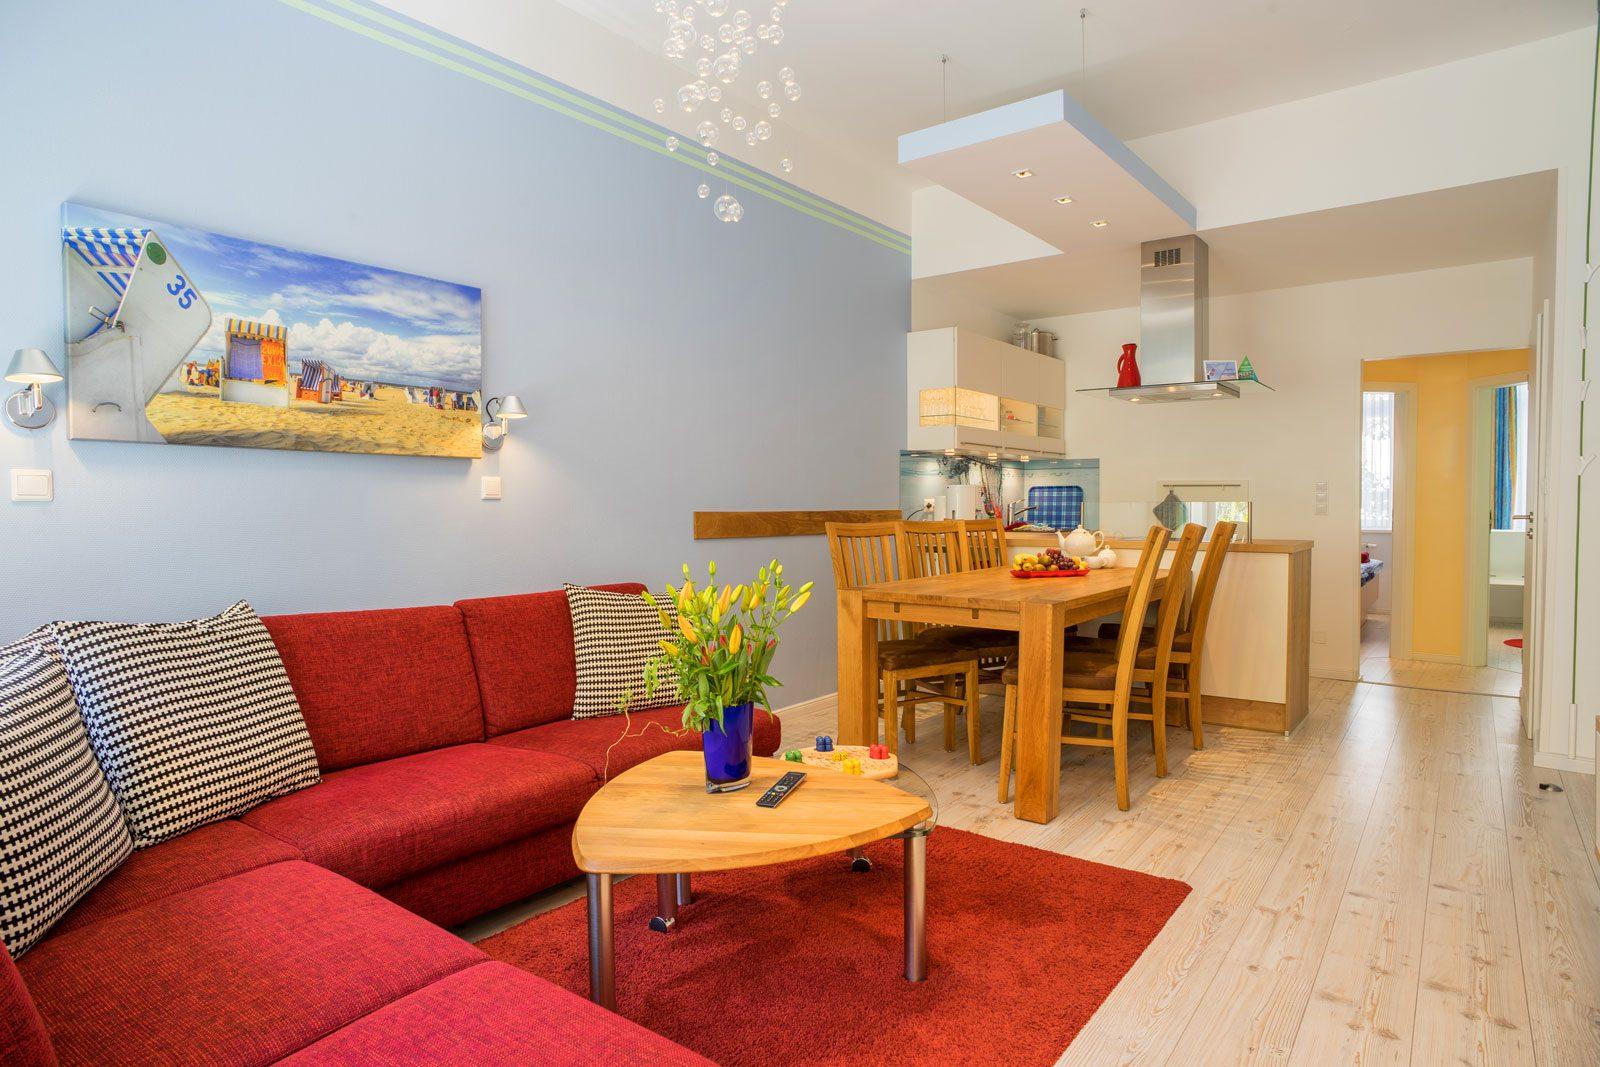 Apartment Achterdeck, Wohnzimmer mit Blick auf Esstisch, Kueche und Schlafzimmer